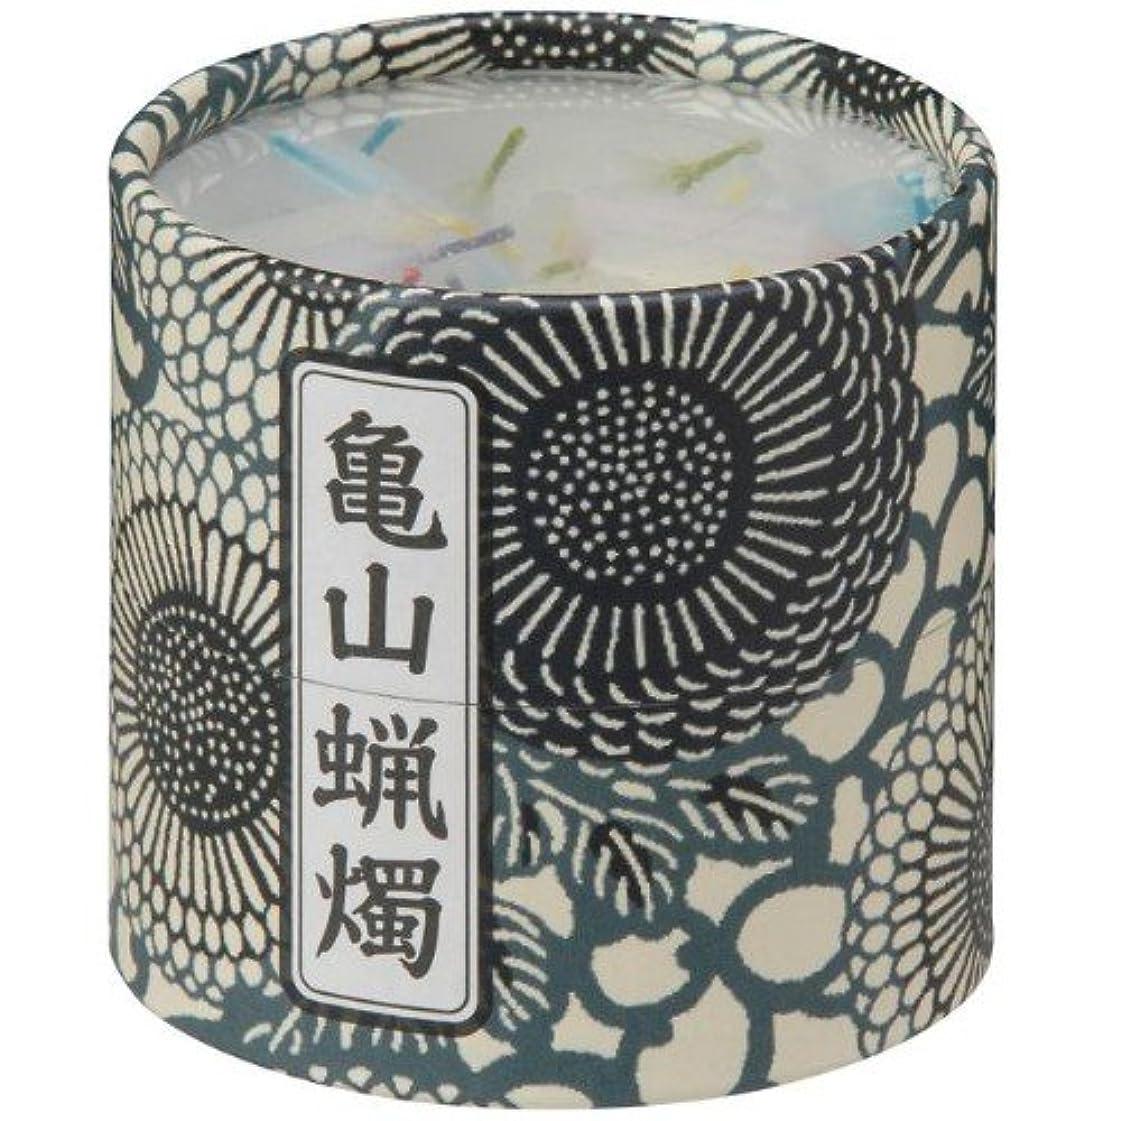 容量消すミシン亀山五色蝋燭(小) 約130本入り